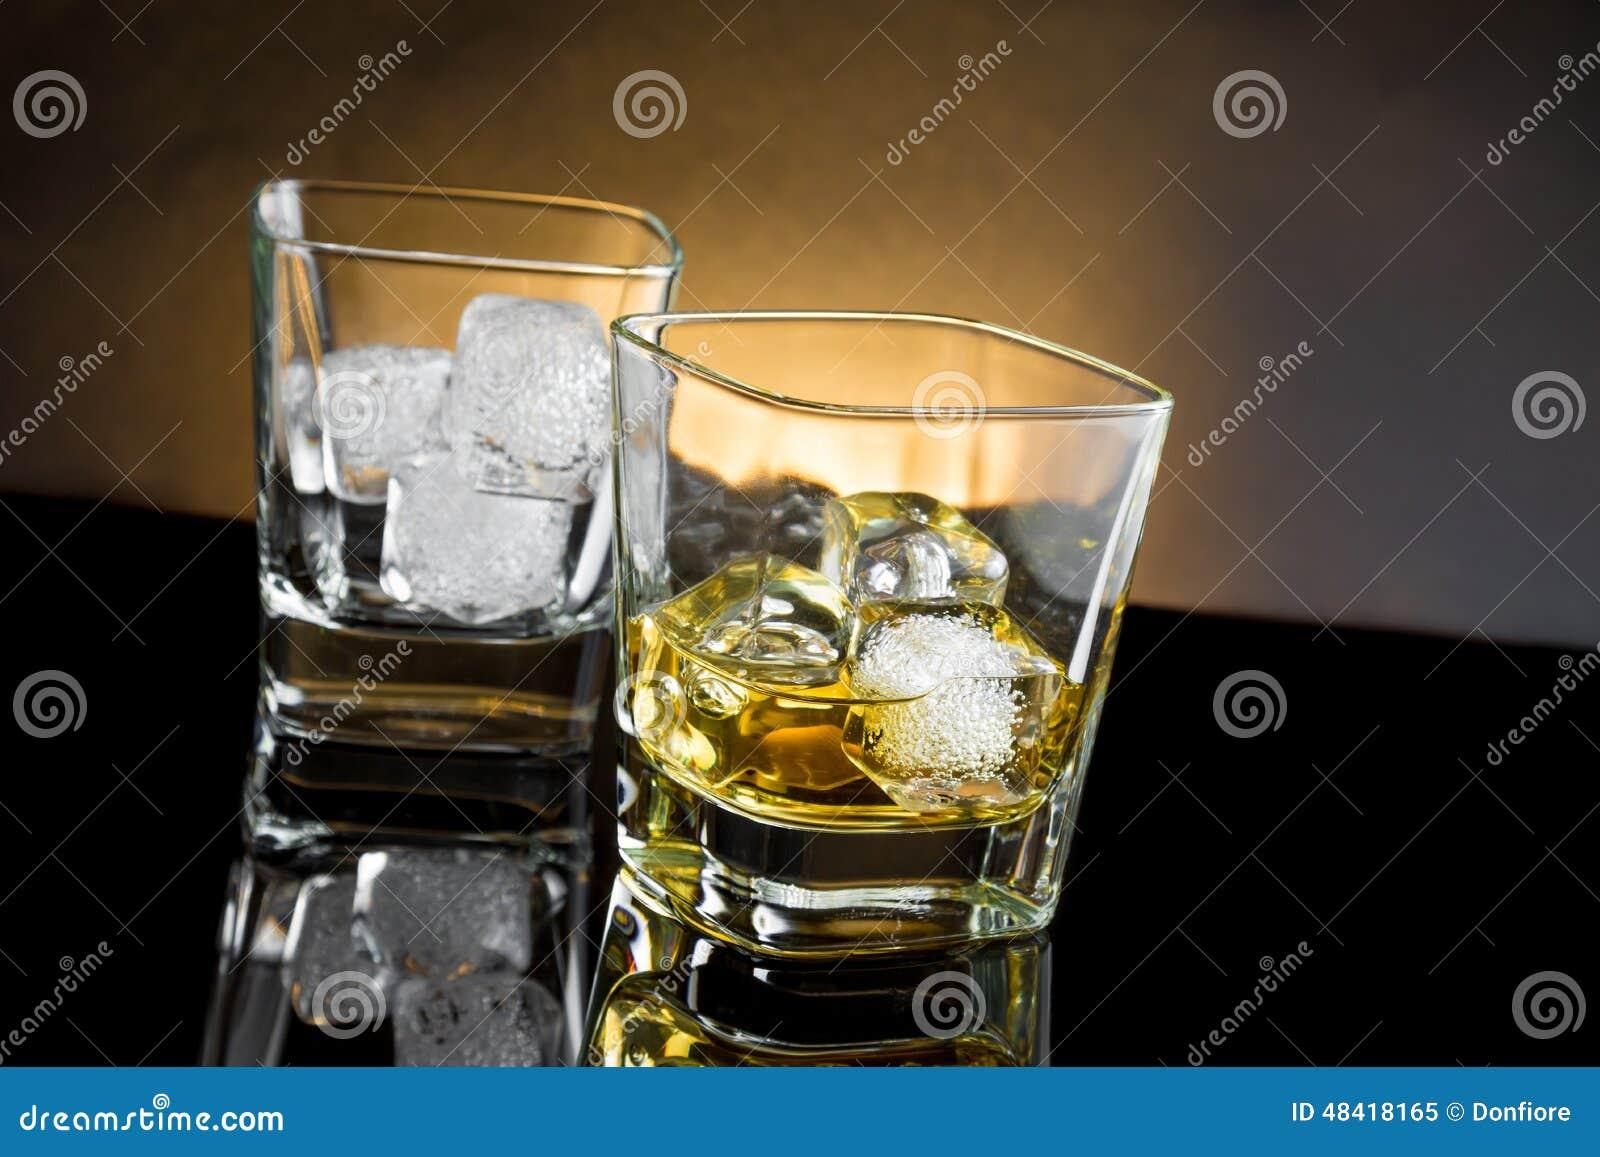 whiskygl ser mit eis und warmem licht auf schwarzem. Black Bedroom Furniture Sets. Home Design Ideas